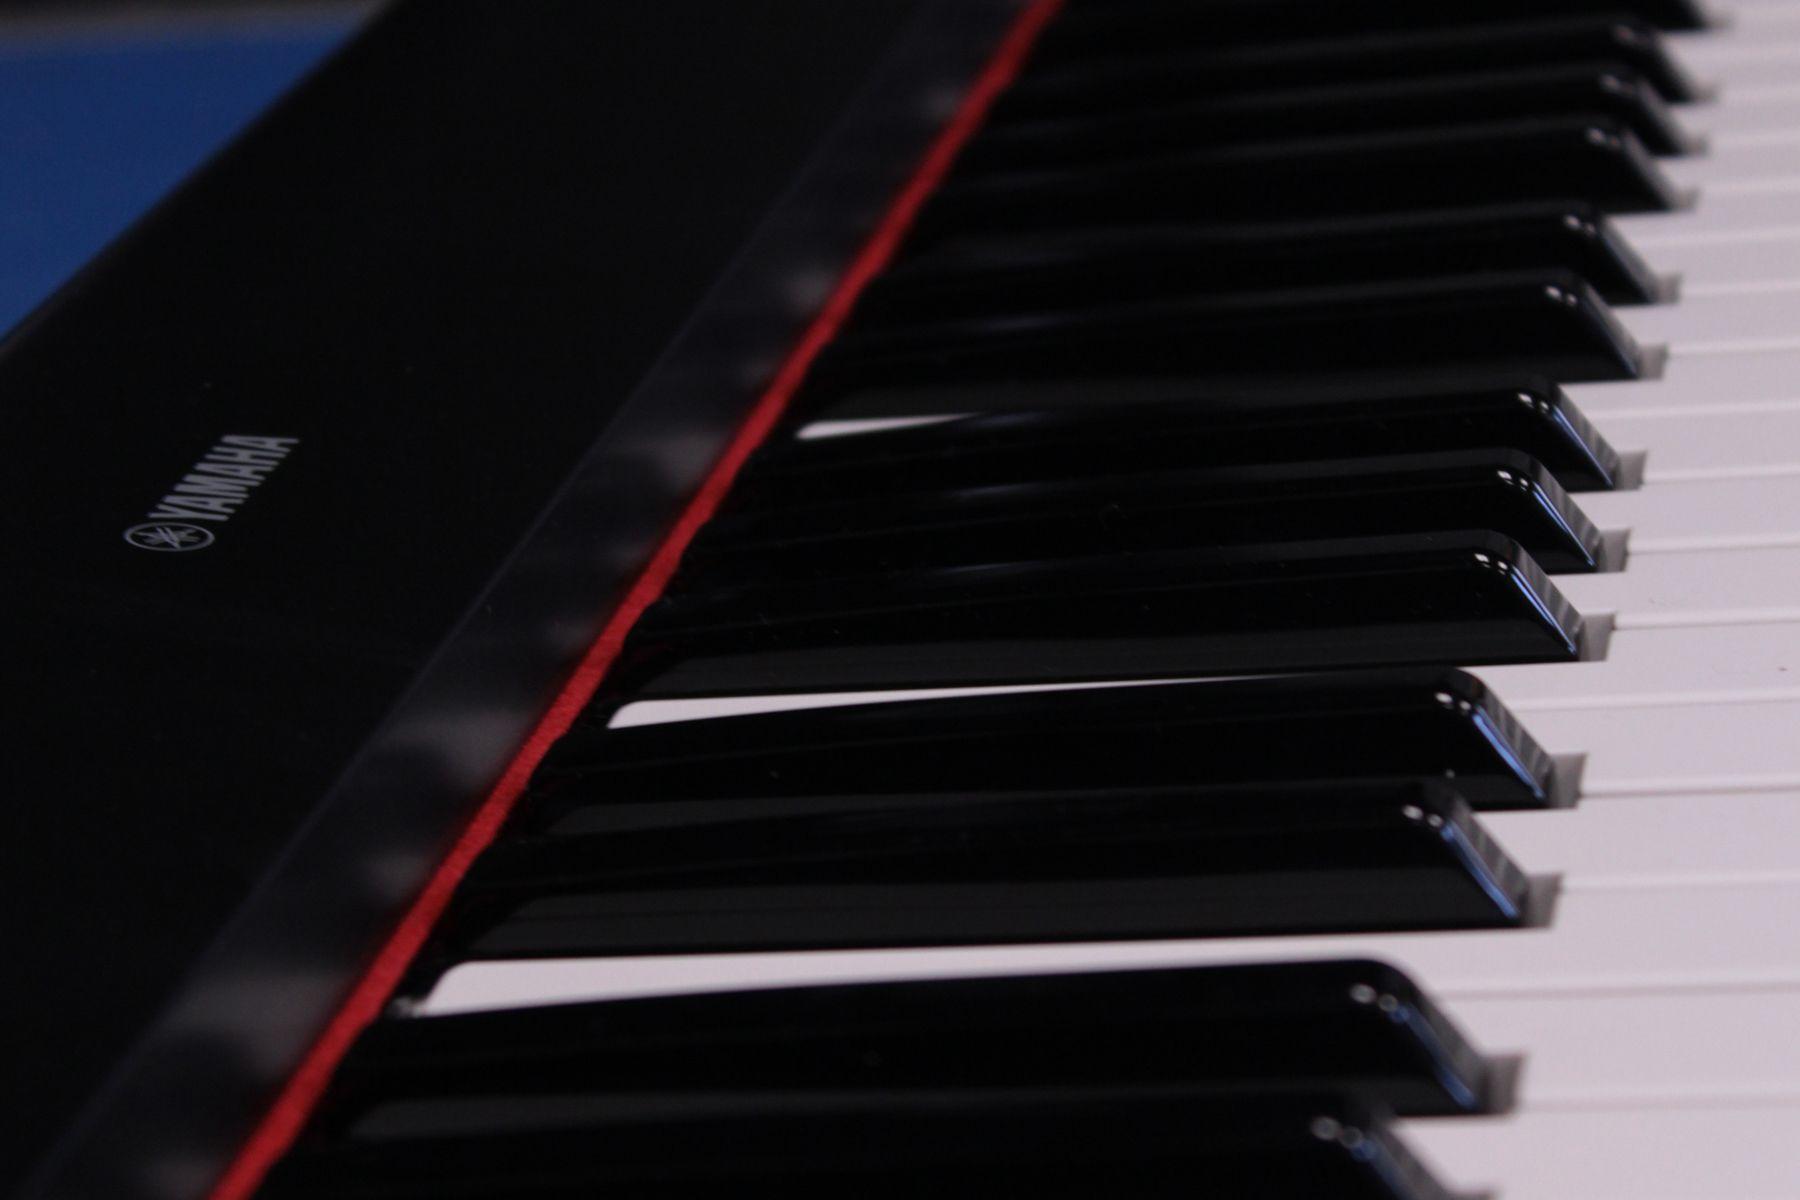 Yamaha Keyboard-2.jpg